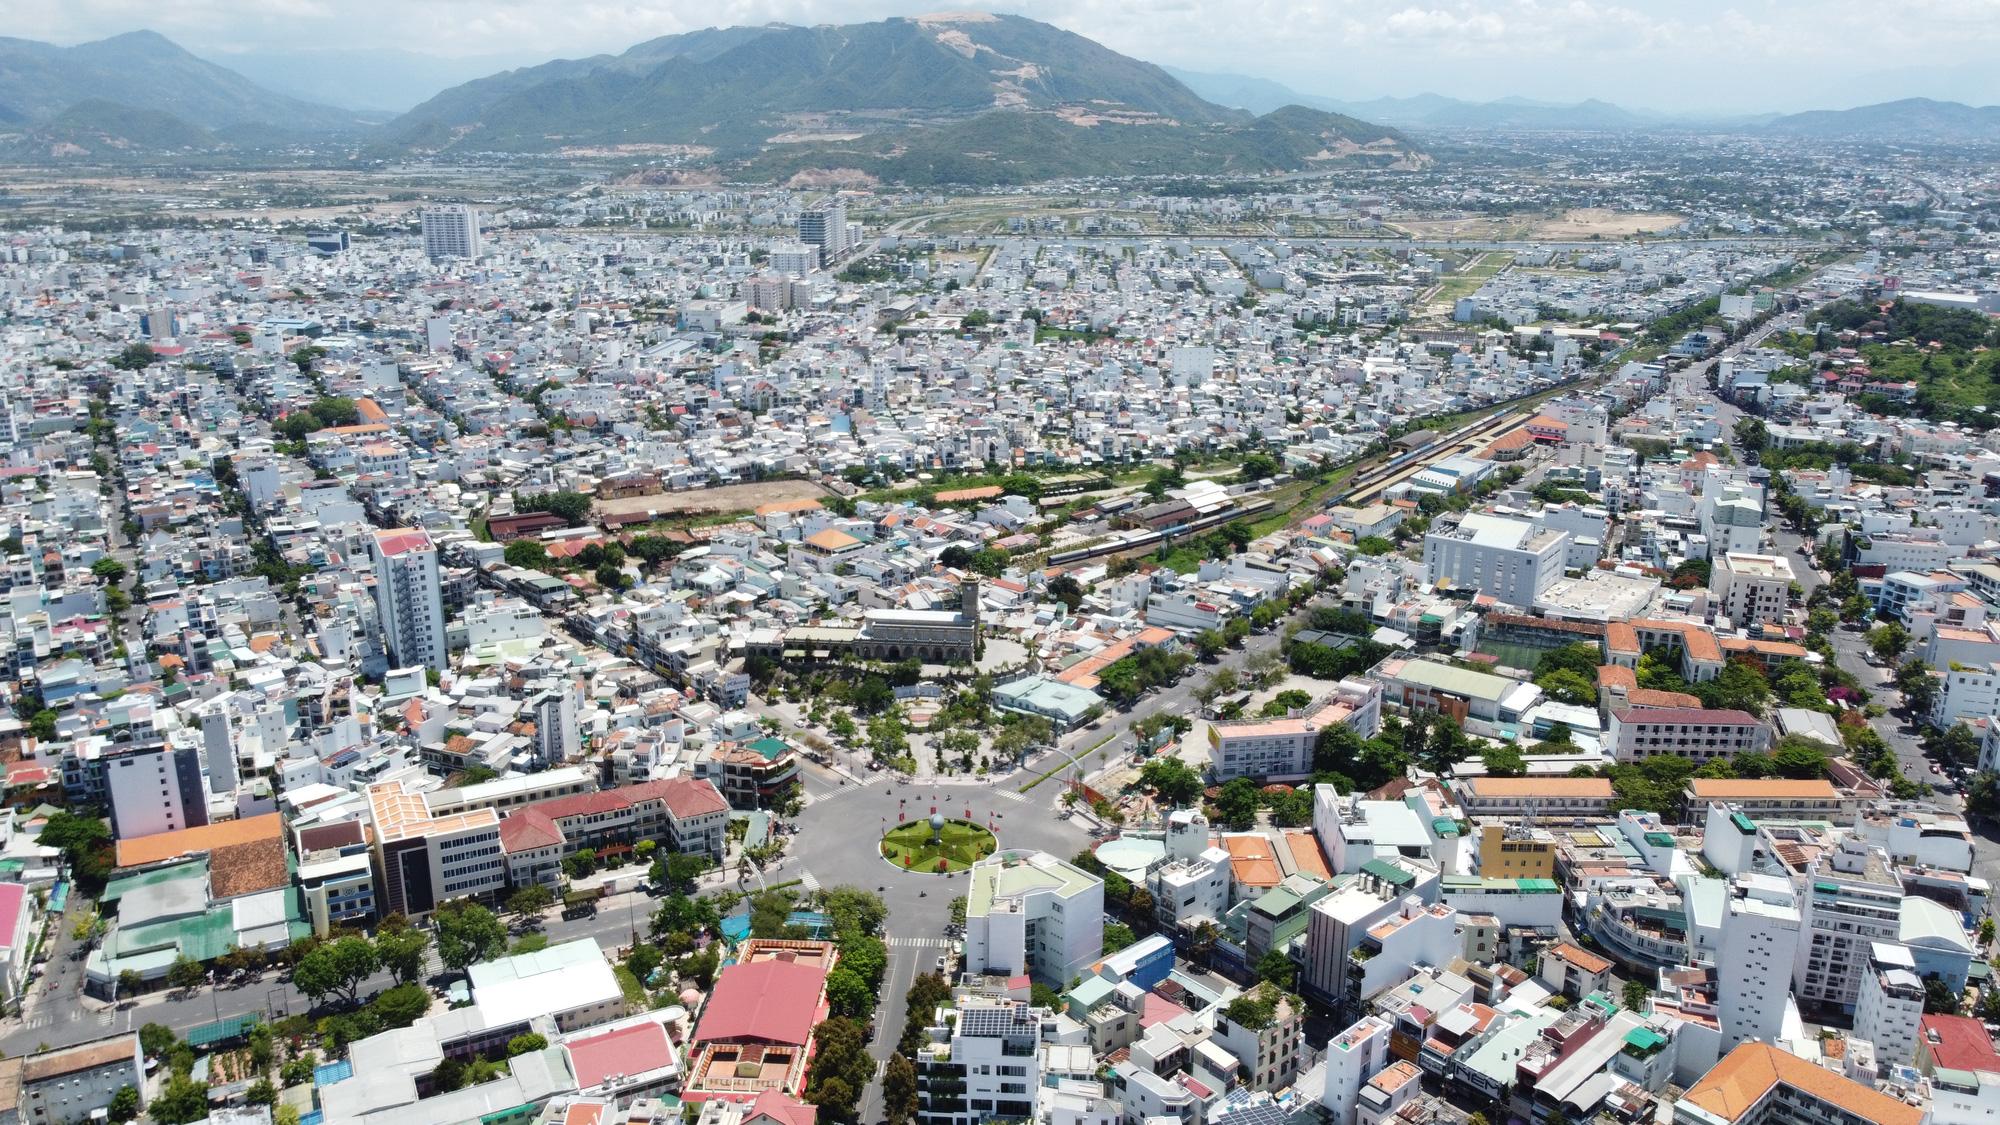 Khánh Hòa sẽ di dời ga Nha Trang và bổ sung bến du thuyền quốc tế trên đảo Hòn Tre - Ảnh 3.